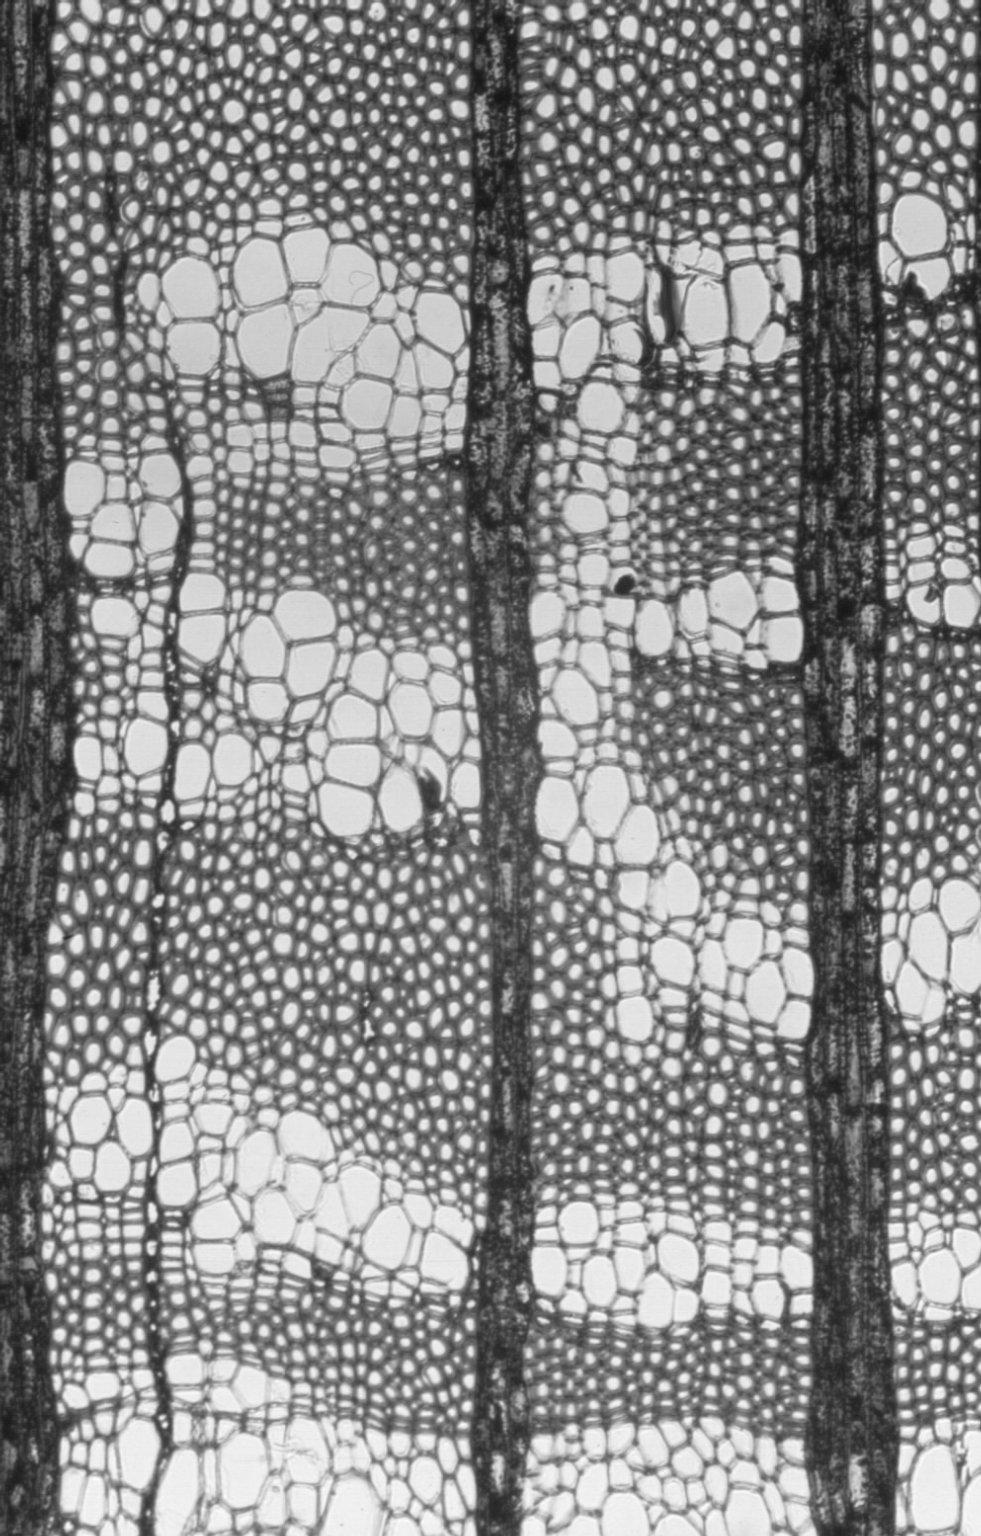 PROTEACEAE Macadamia ternifolia